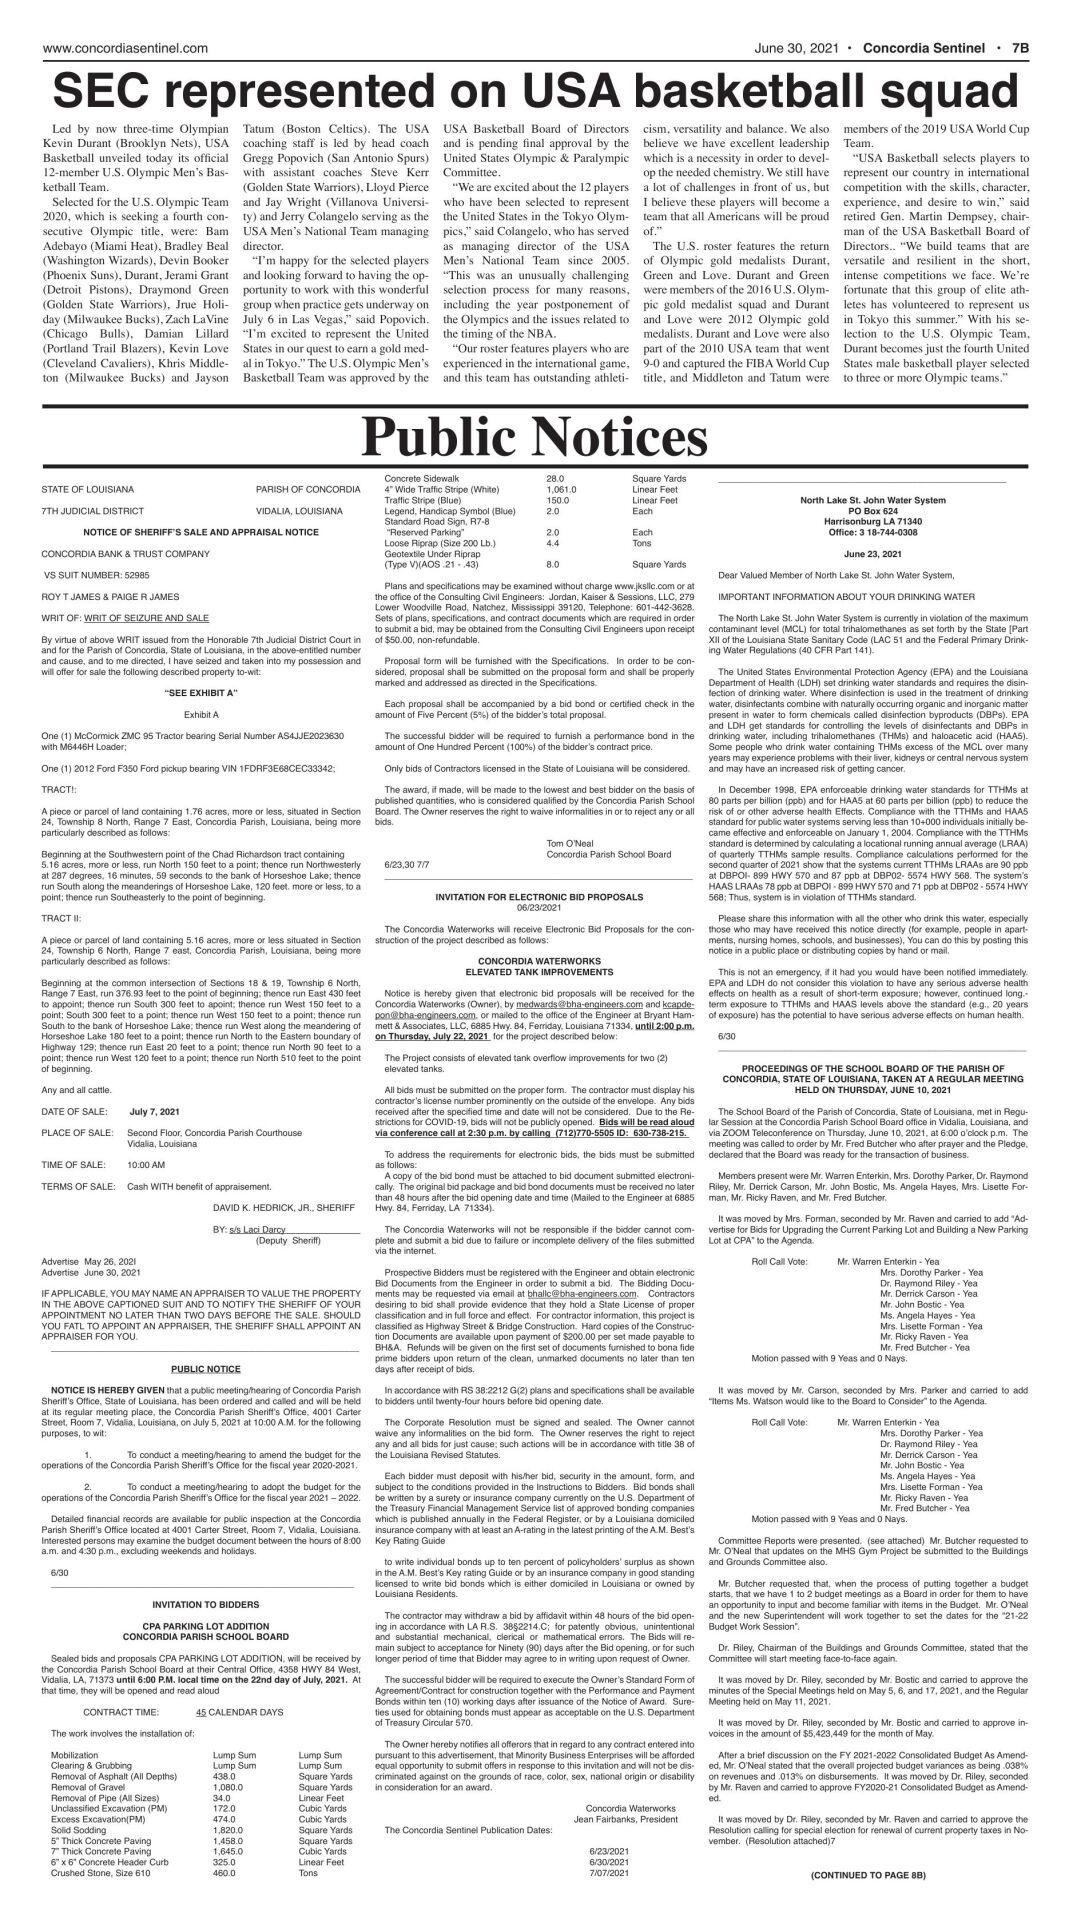 Public Notices - June 30, 2021